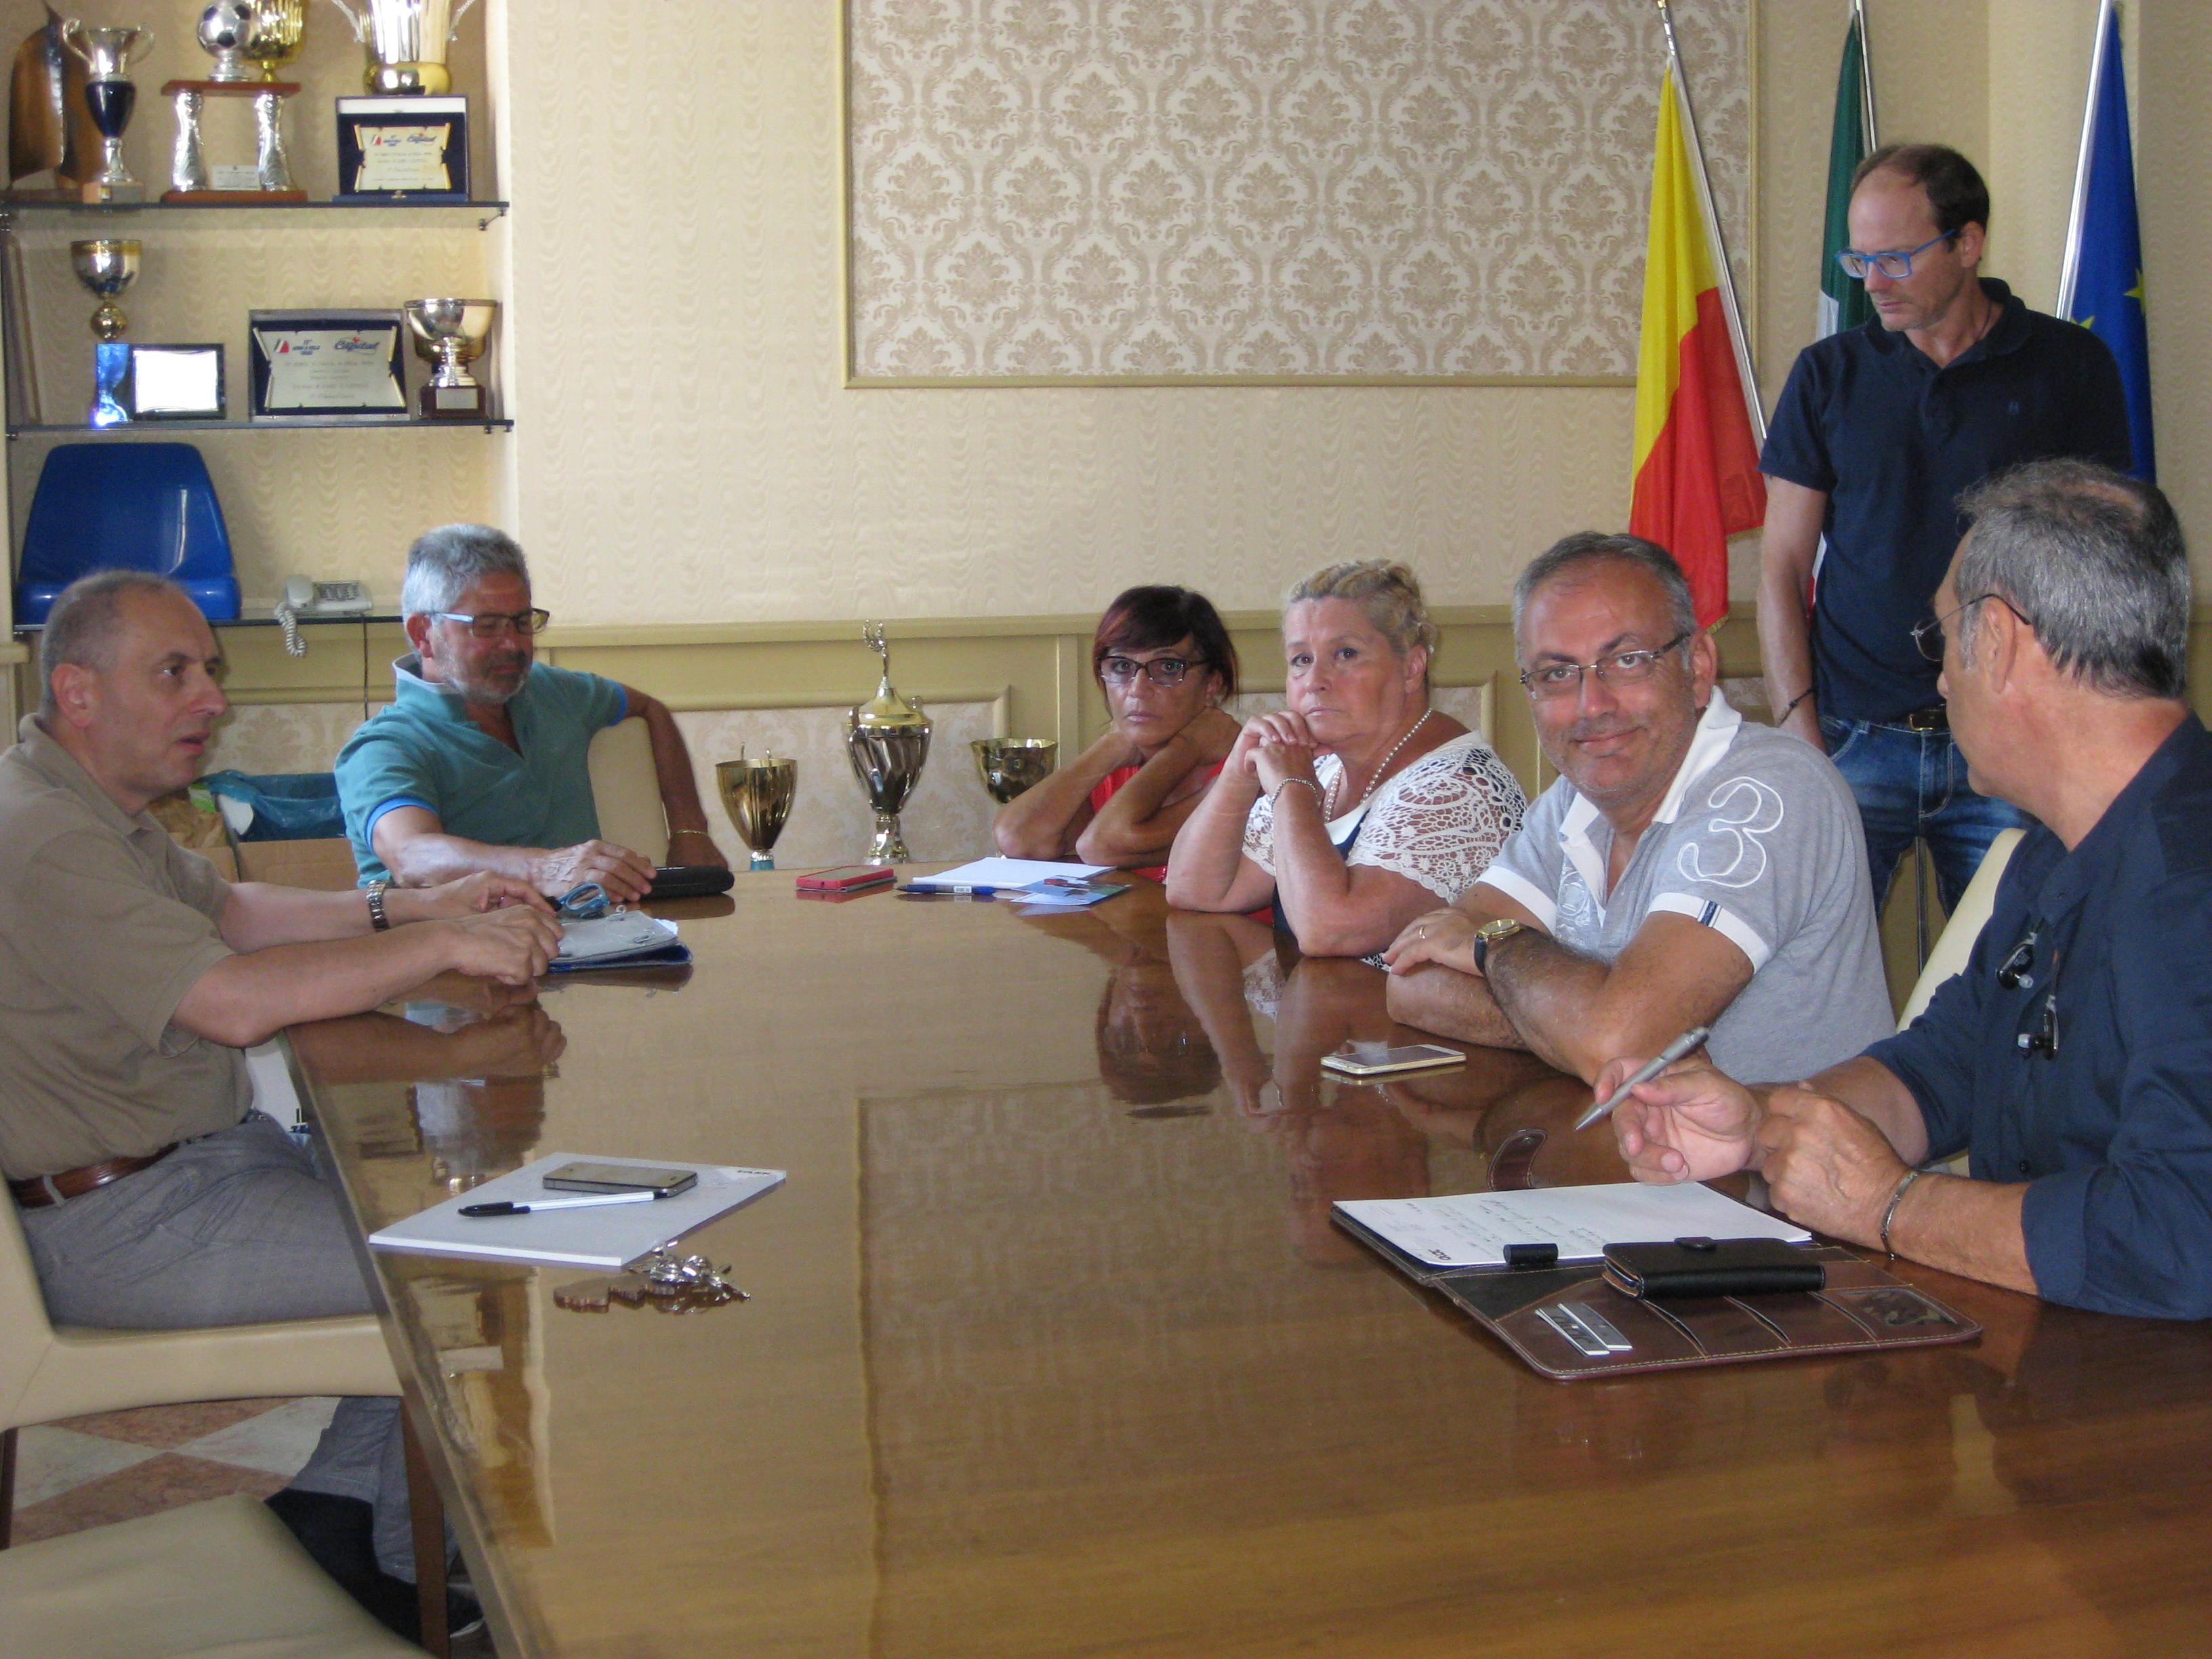 Terremoto: a Civitanova Marche cordoglio e primi interventi